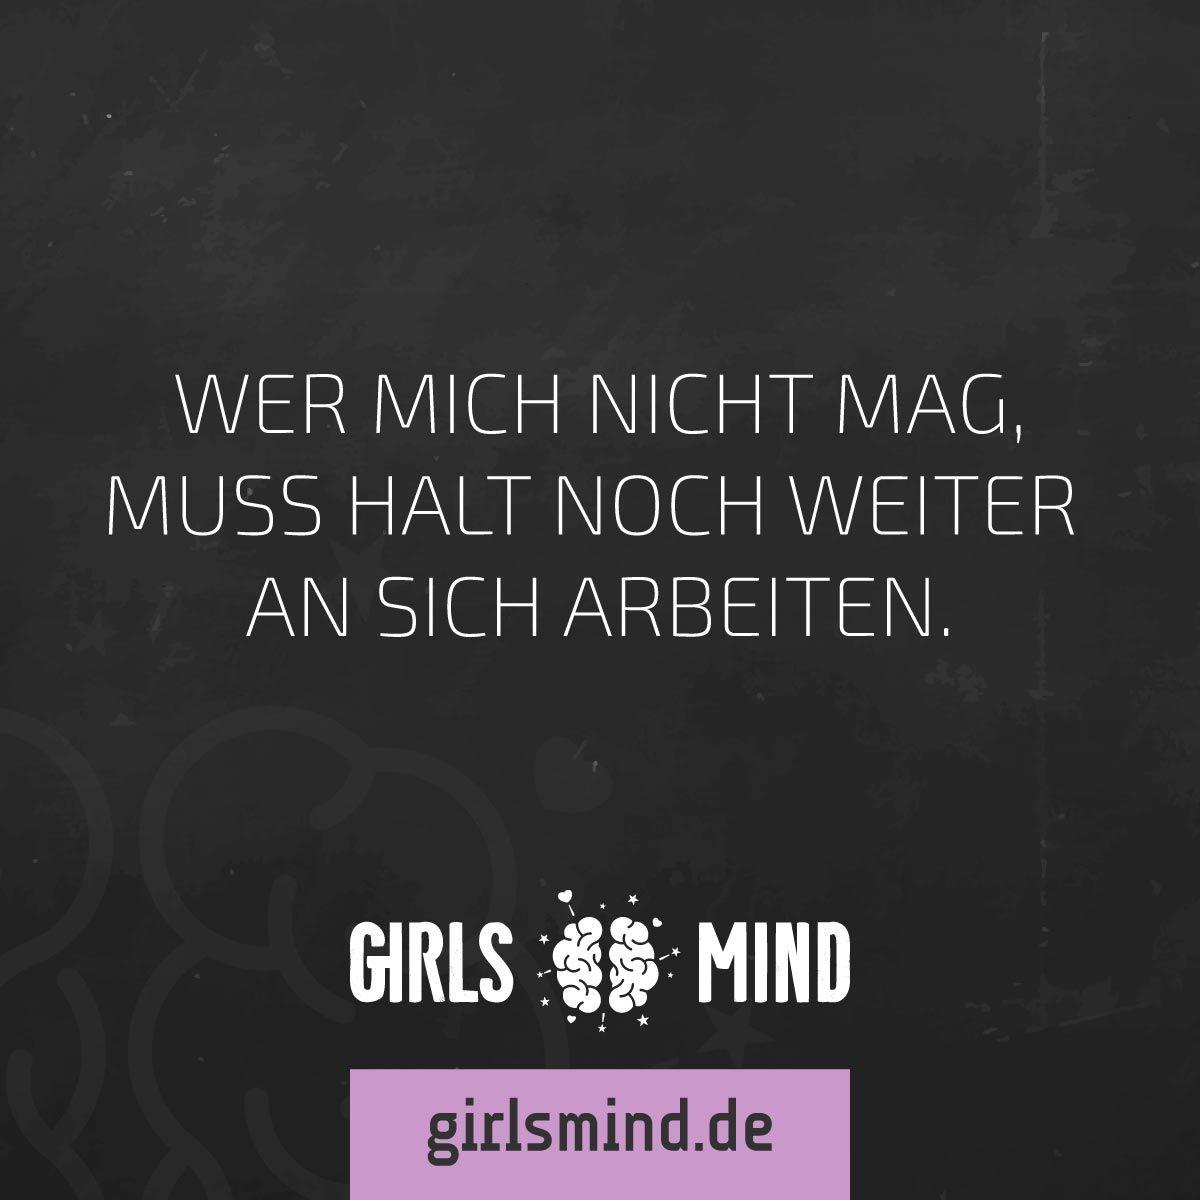 sprüche über selbstbewusstsein Mehr Sprüche auf: .girlsheart.de #selbstbewusstsein  sprüche über selbstbewusstsein